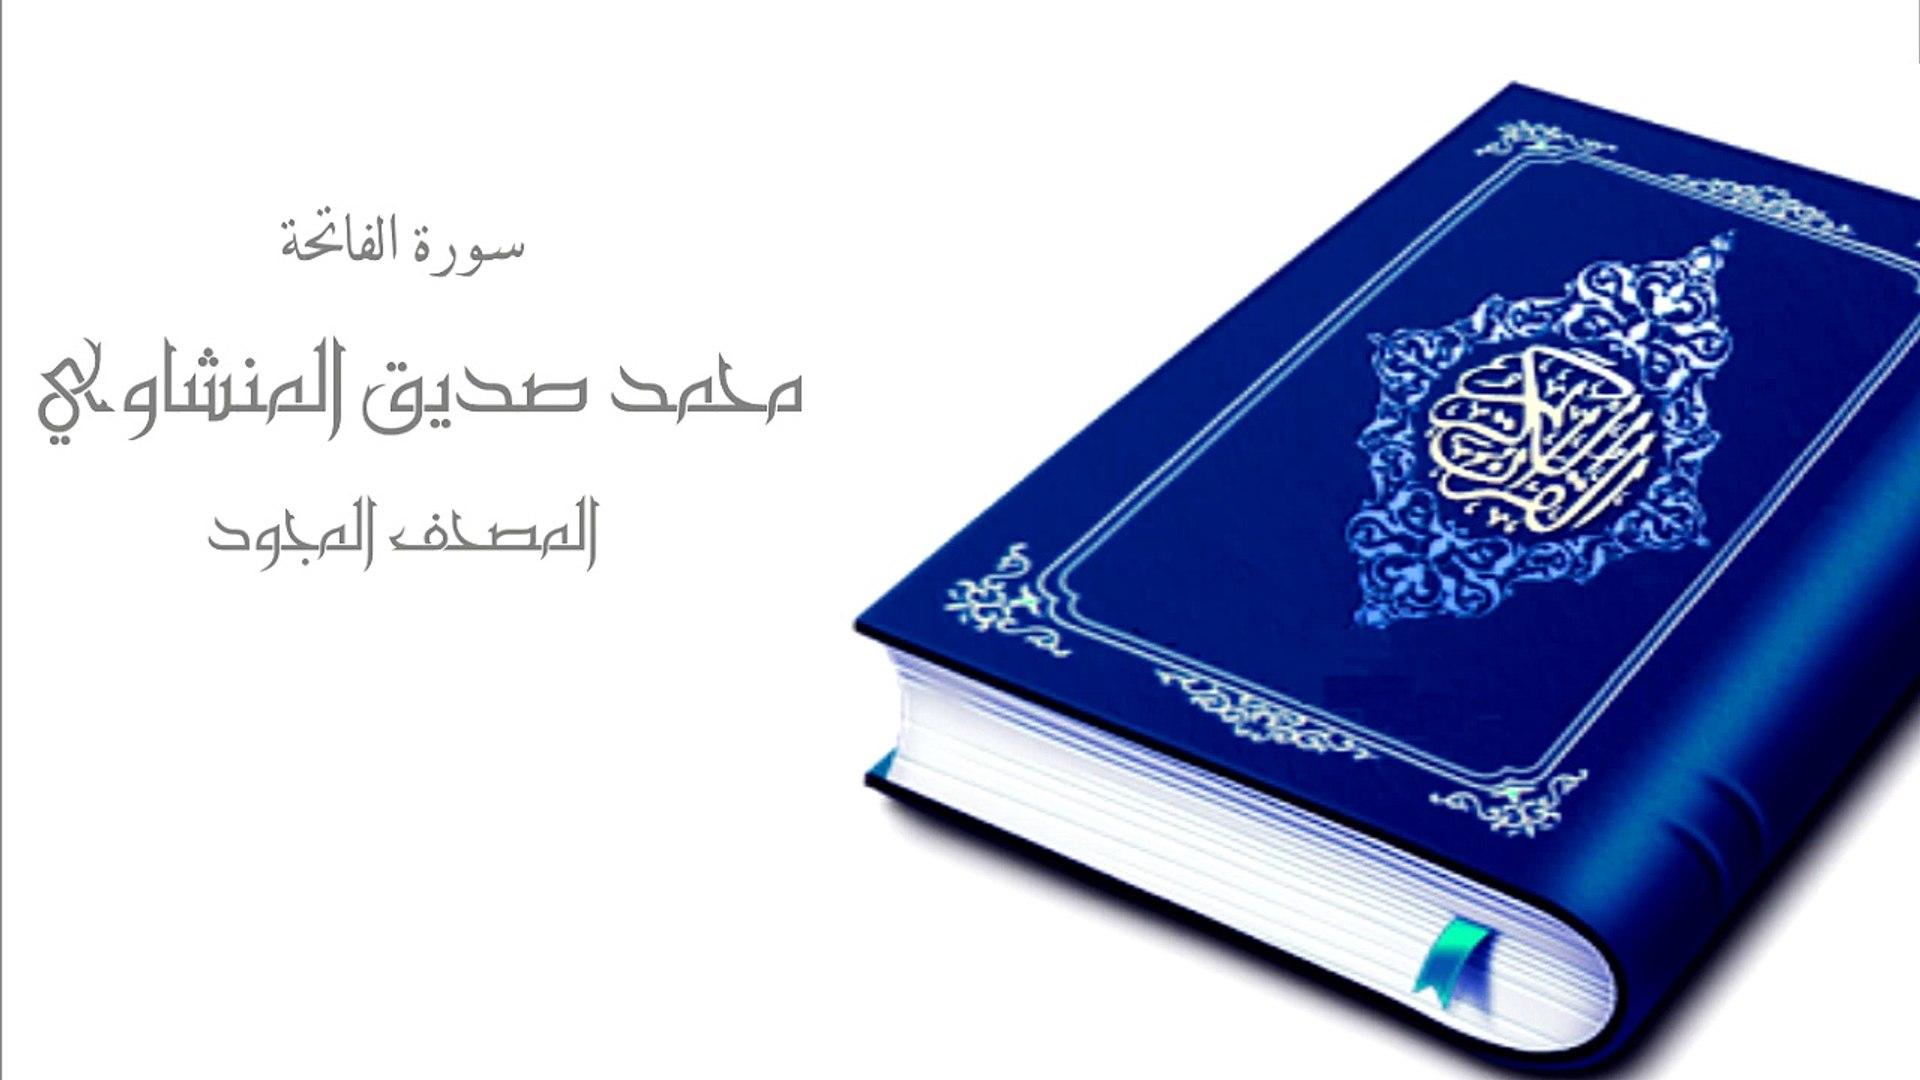 المصحف المجود لمحمد صديق المنشاوي - سورة الفاتحة - video dailymotion